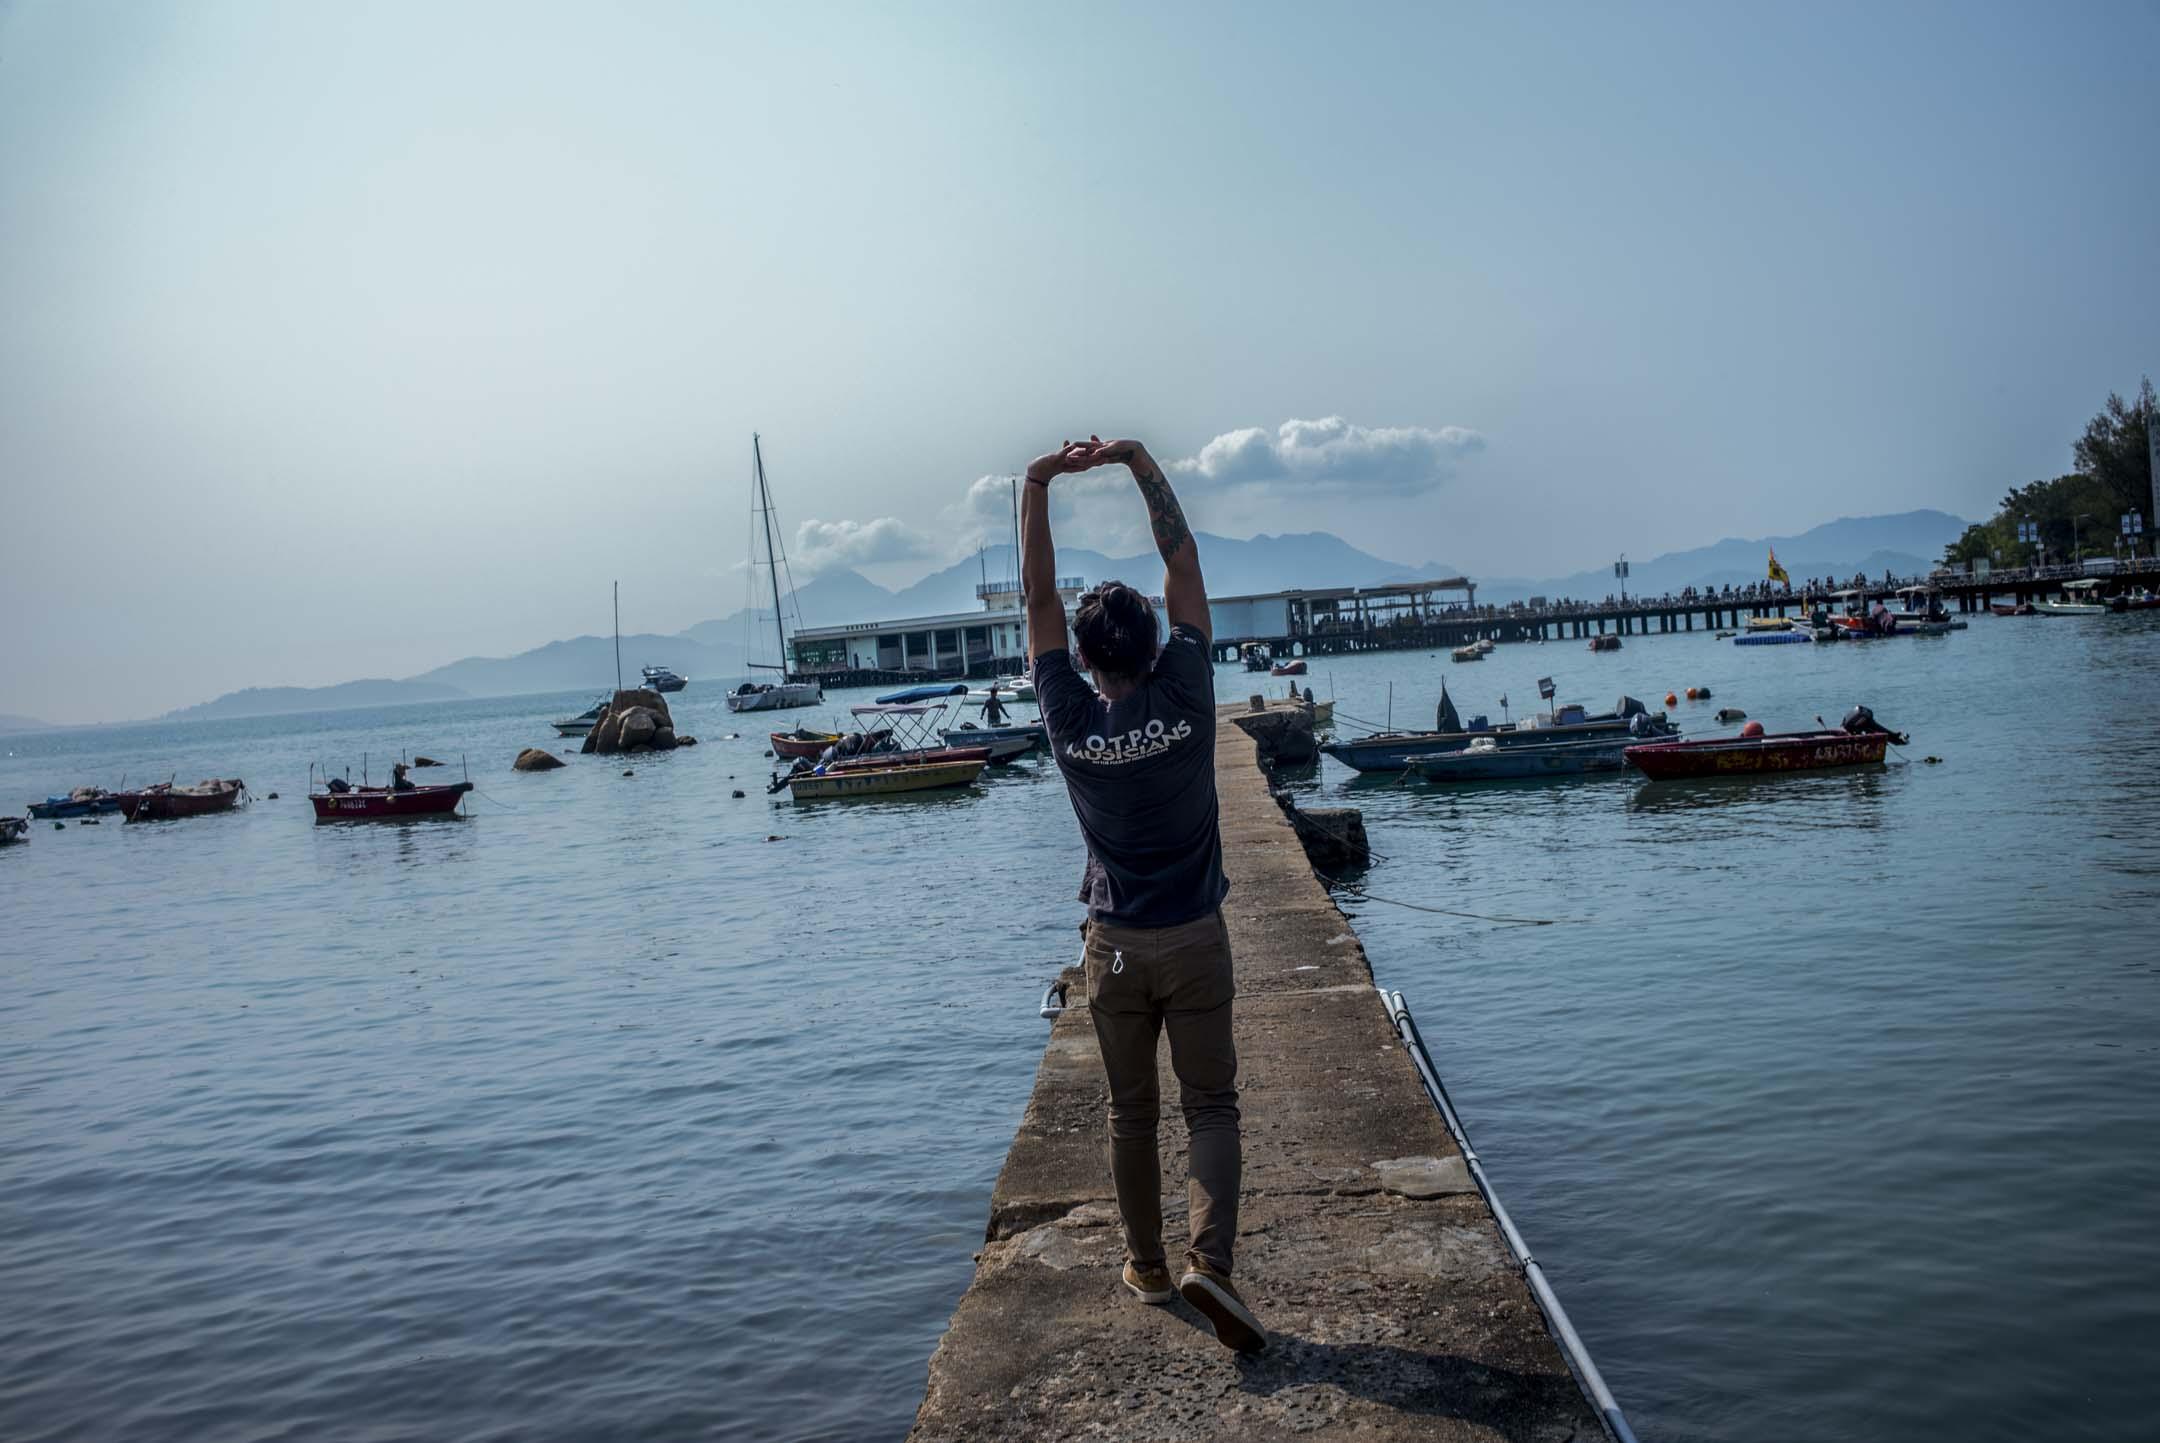 黑鬼在南丫島榕樹灣的小碼頭上伸展筋骨。 攝:林振東/端傳媒